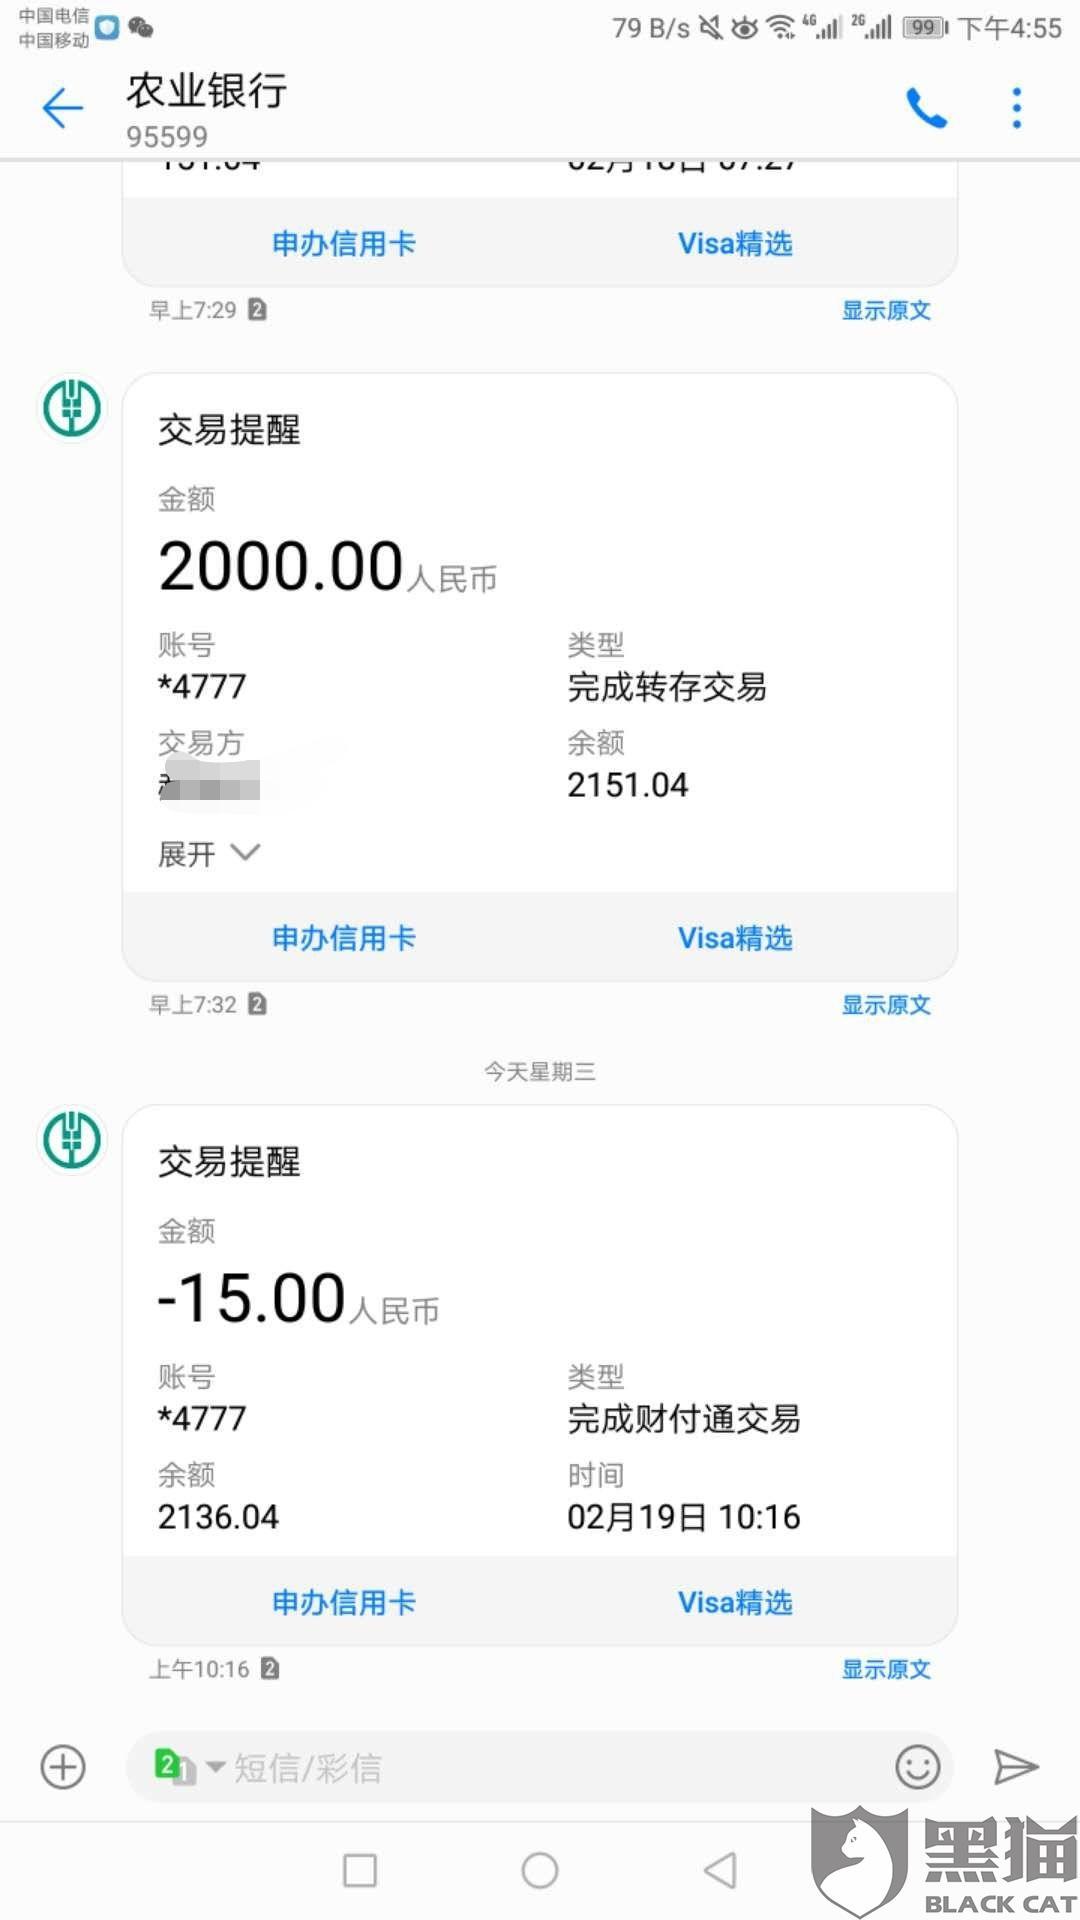 黑猫投诉:搜狐视频用时4天解决了消费者投诉